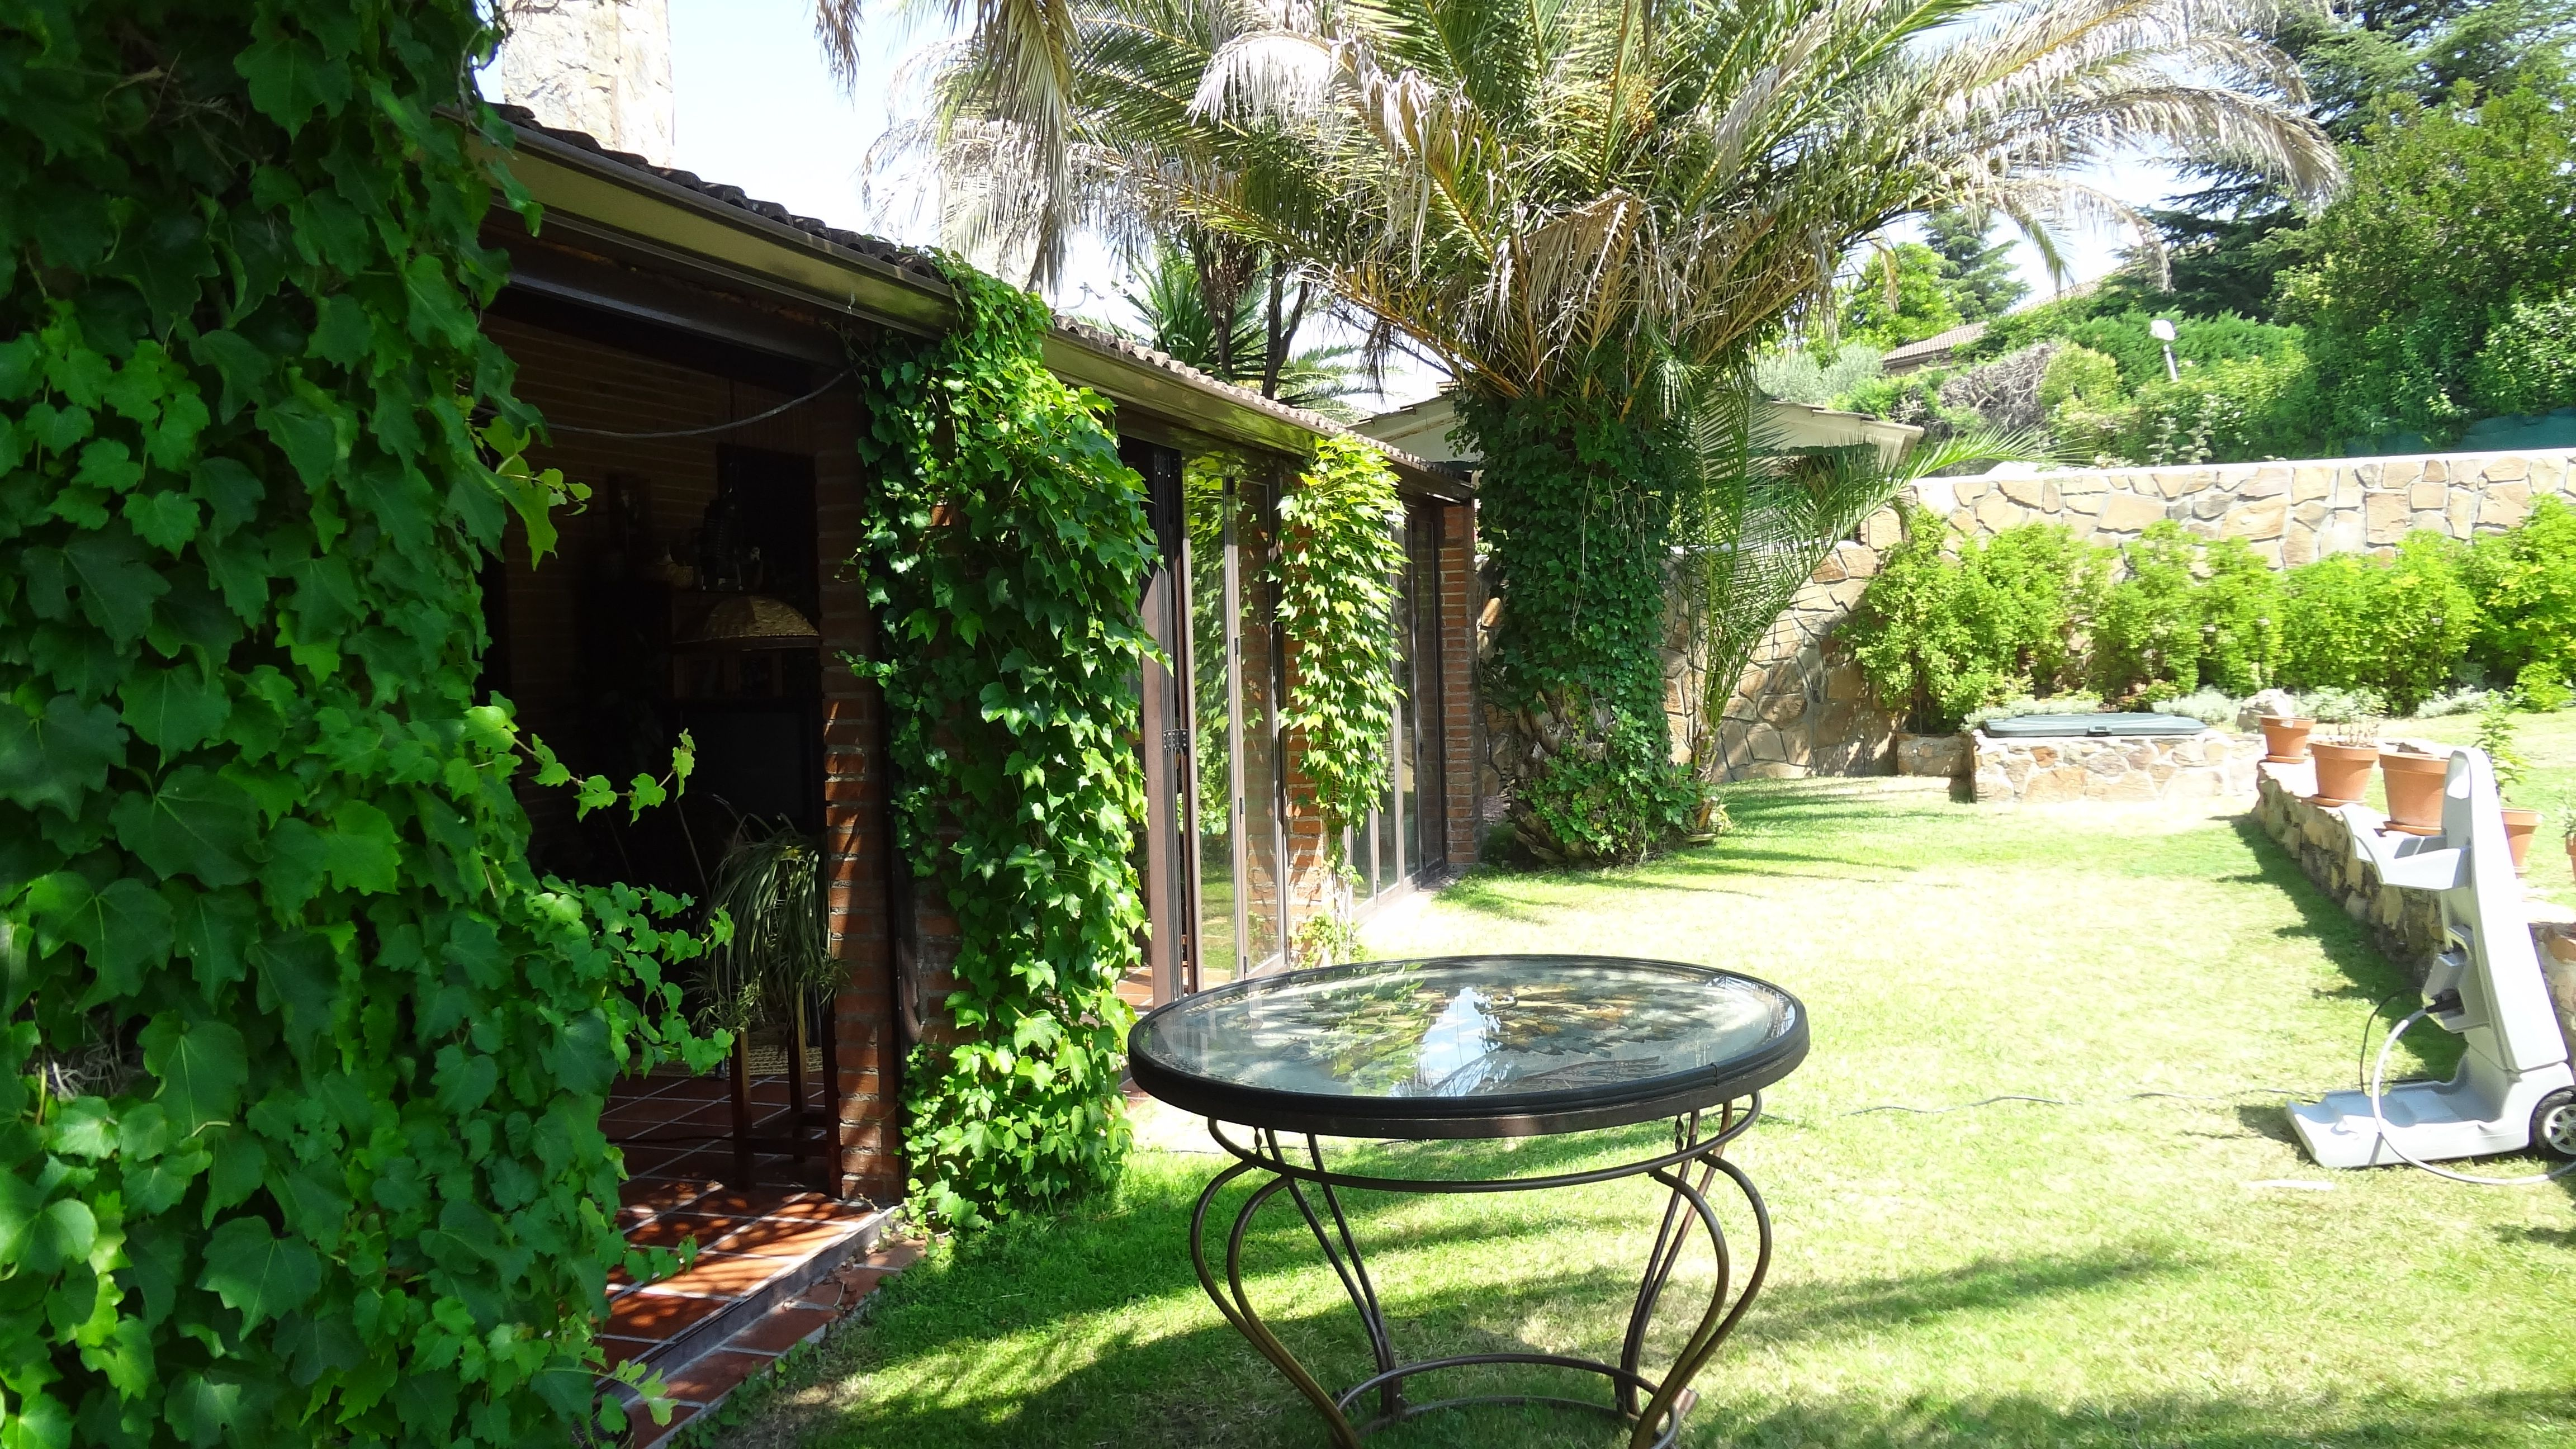 Ideas de paisajismo de jardin estilo mediterraneo - Paisajismo de jardines ...